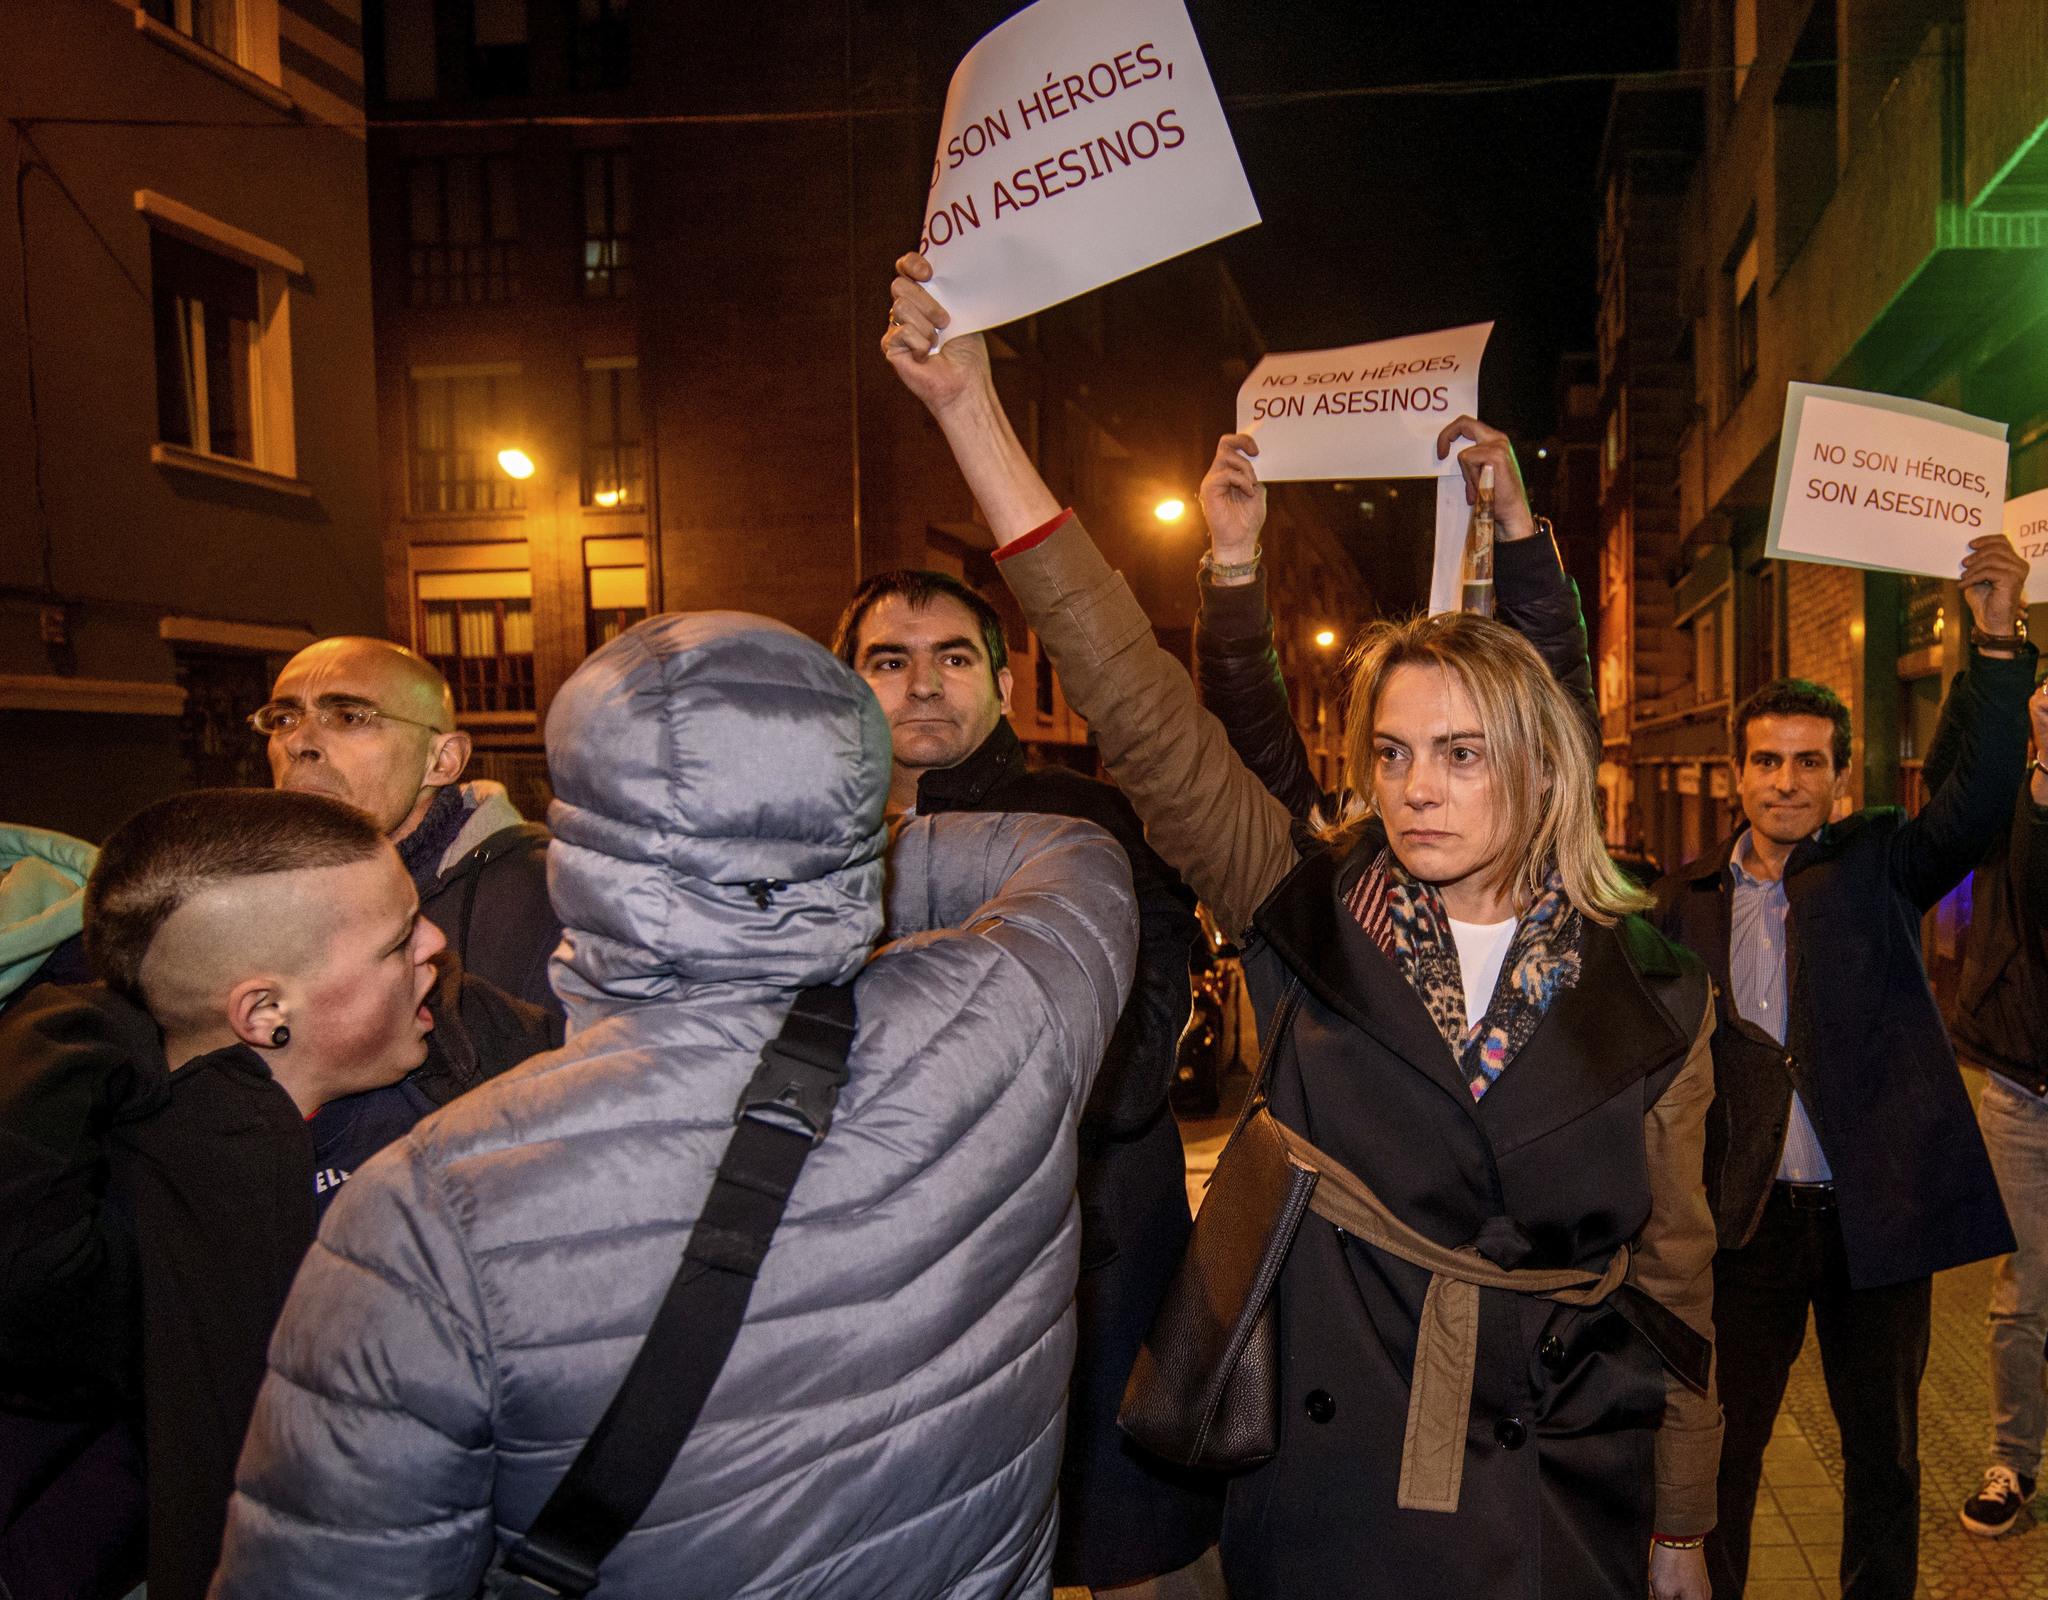 La presidenta del PP en Bizkaia Raquel González protesta por el homenaje a la etarra Itziar Plaza.